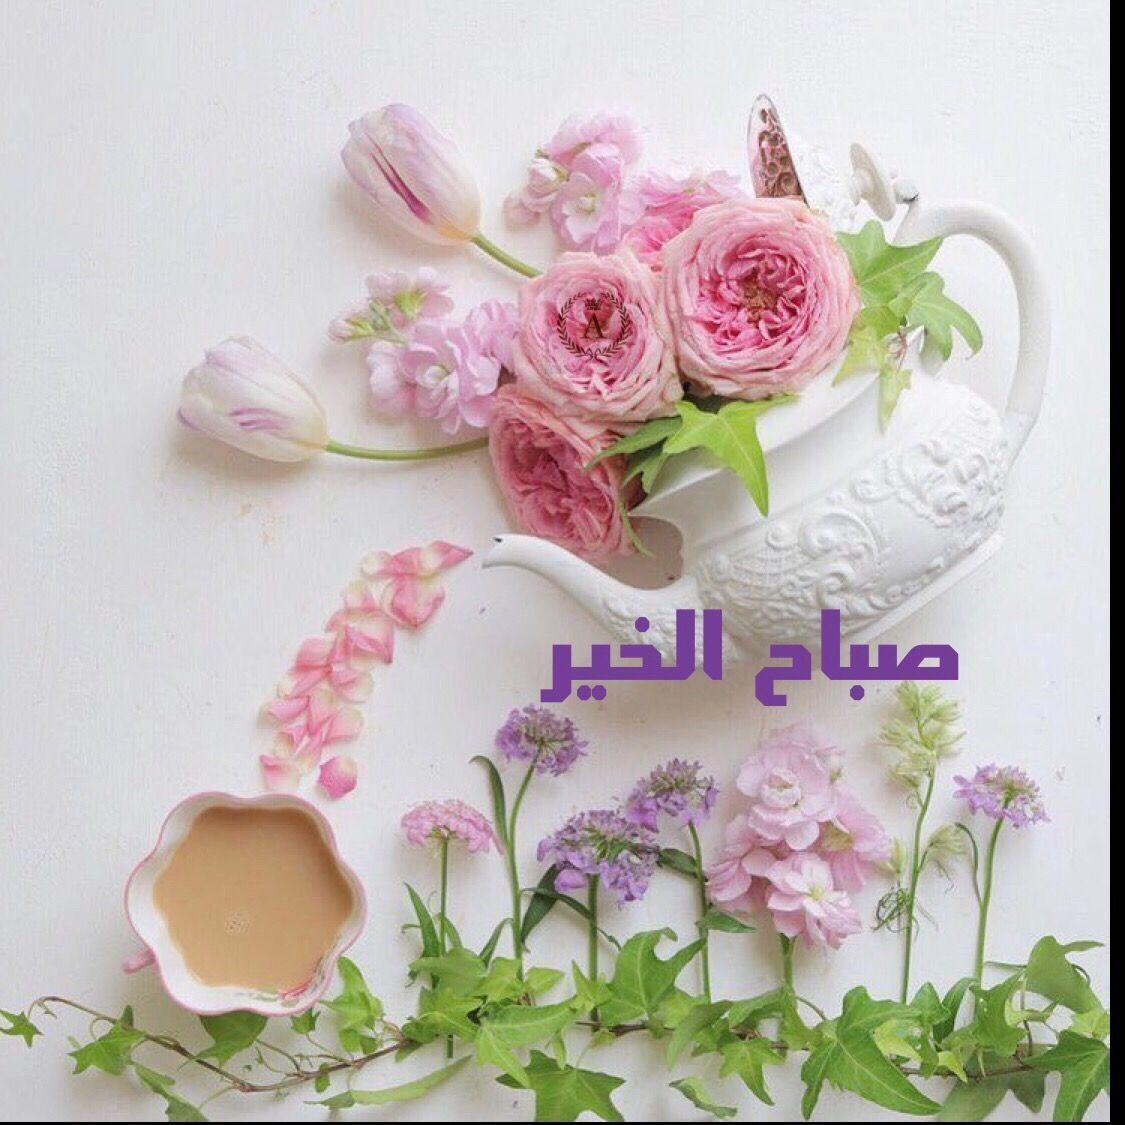 صور زهور الكلمات , تعبير بالزهور عن كلمات بداخلك